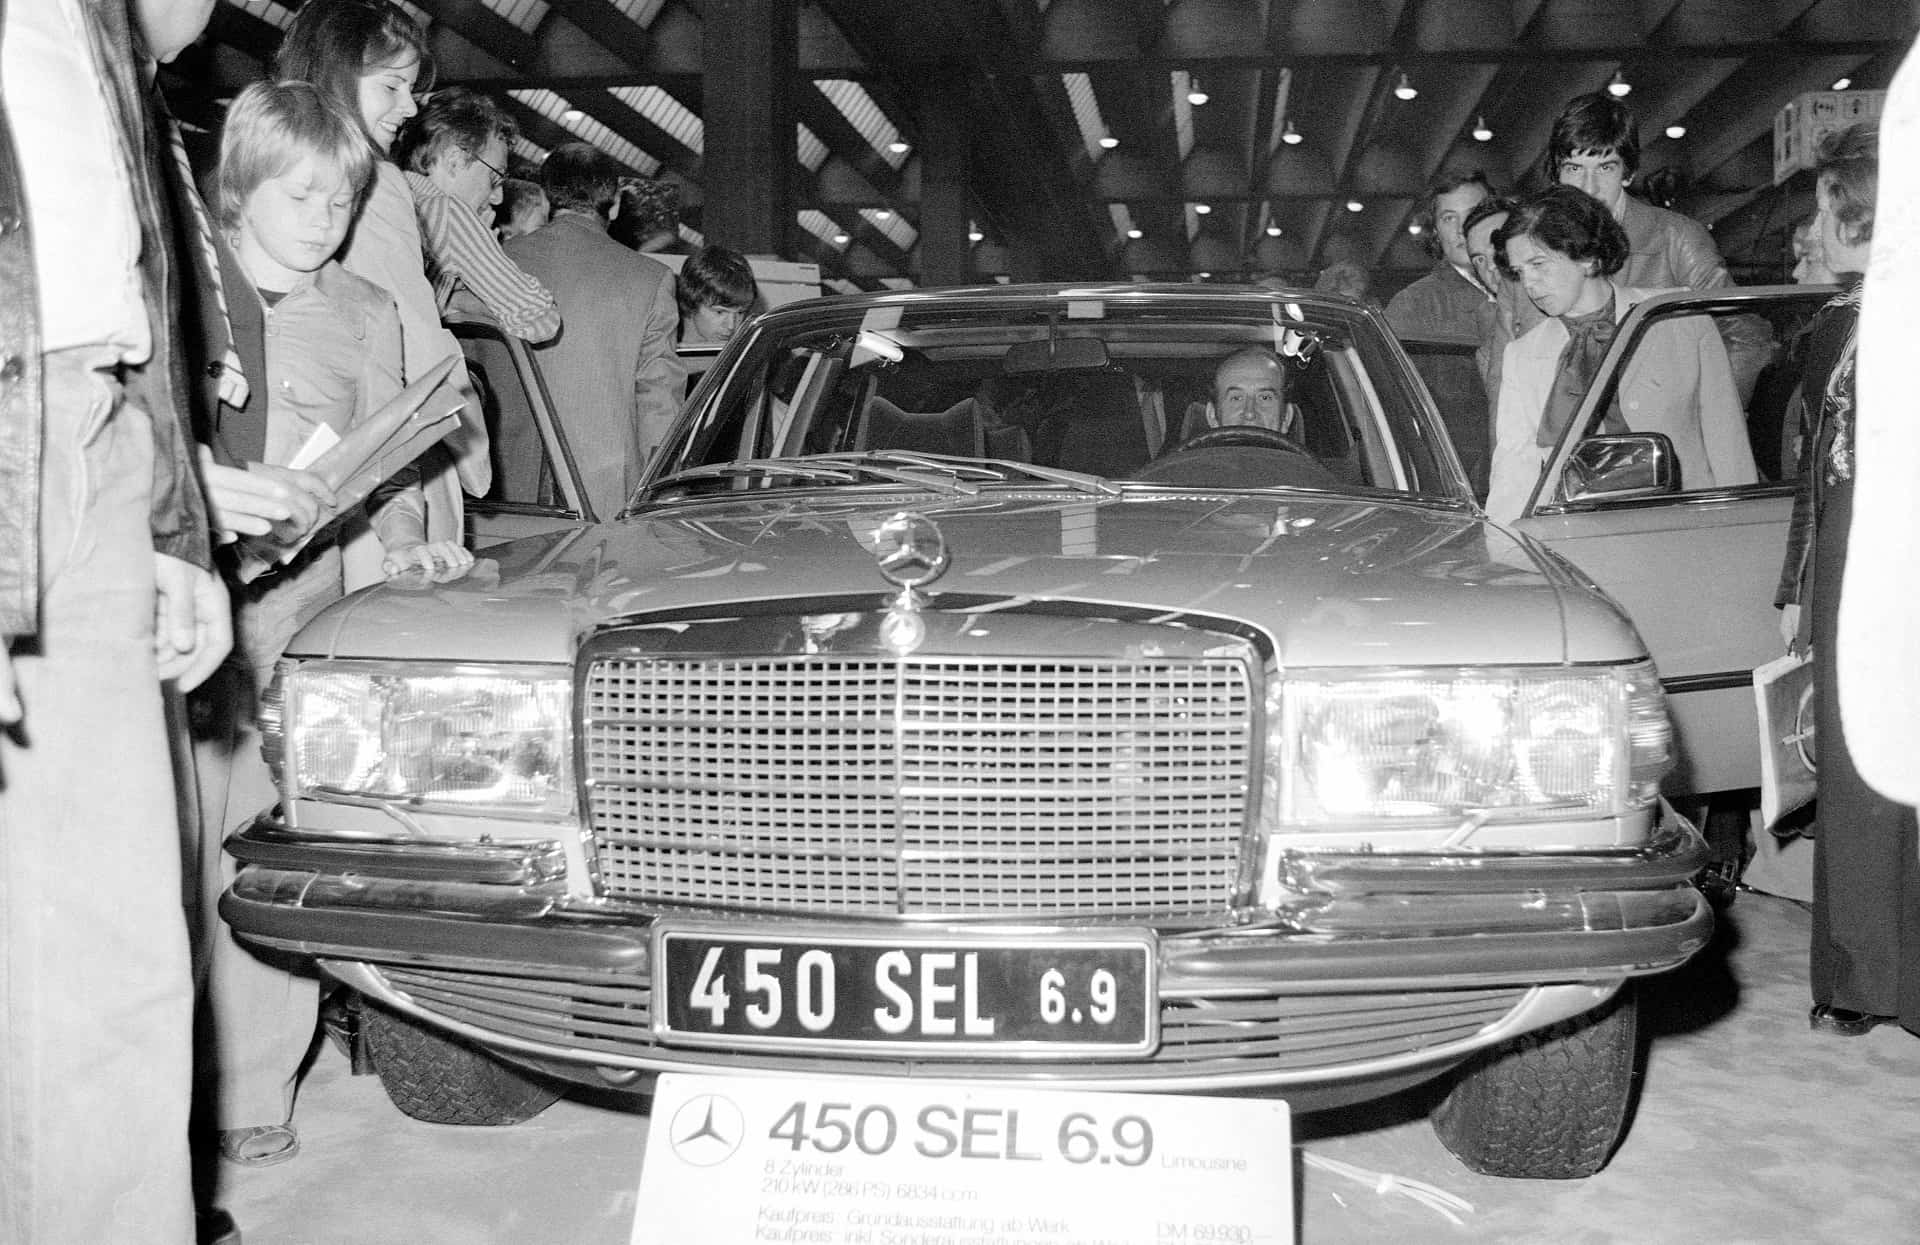 Sensation auf der IAA 1975: Die Mercedes-Benz S-Klasse Typ 450 SEL 6.9.